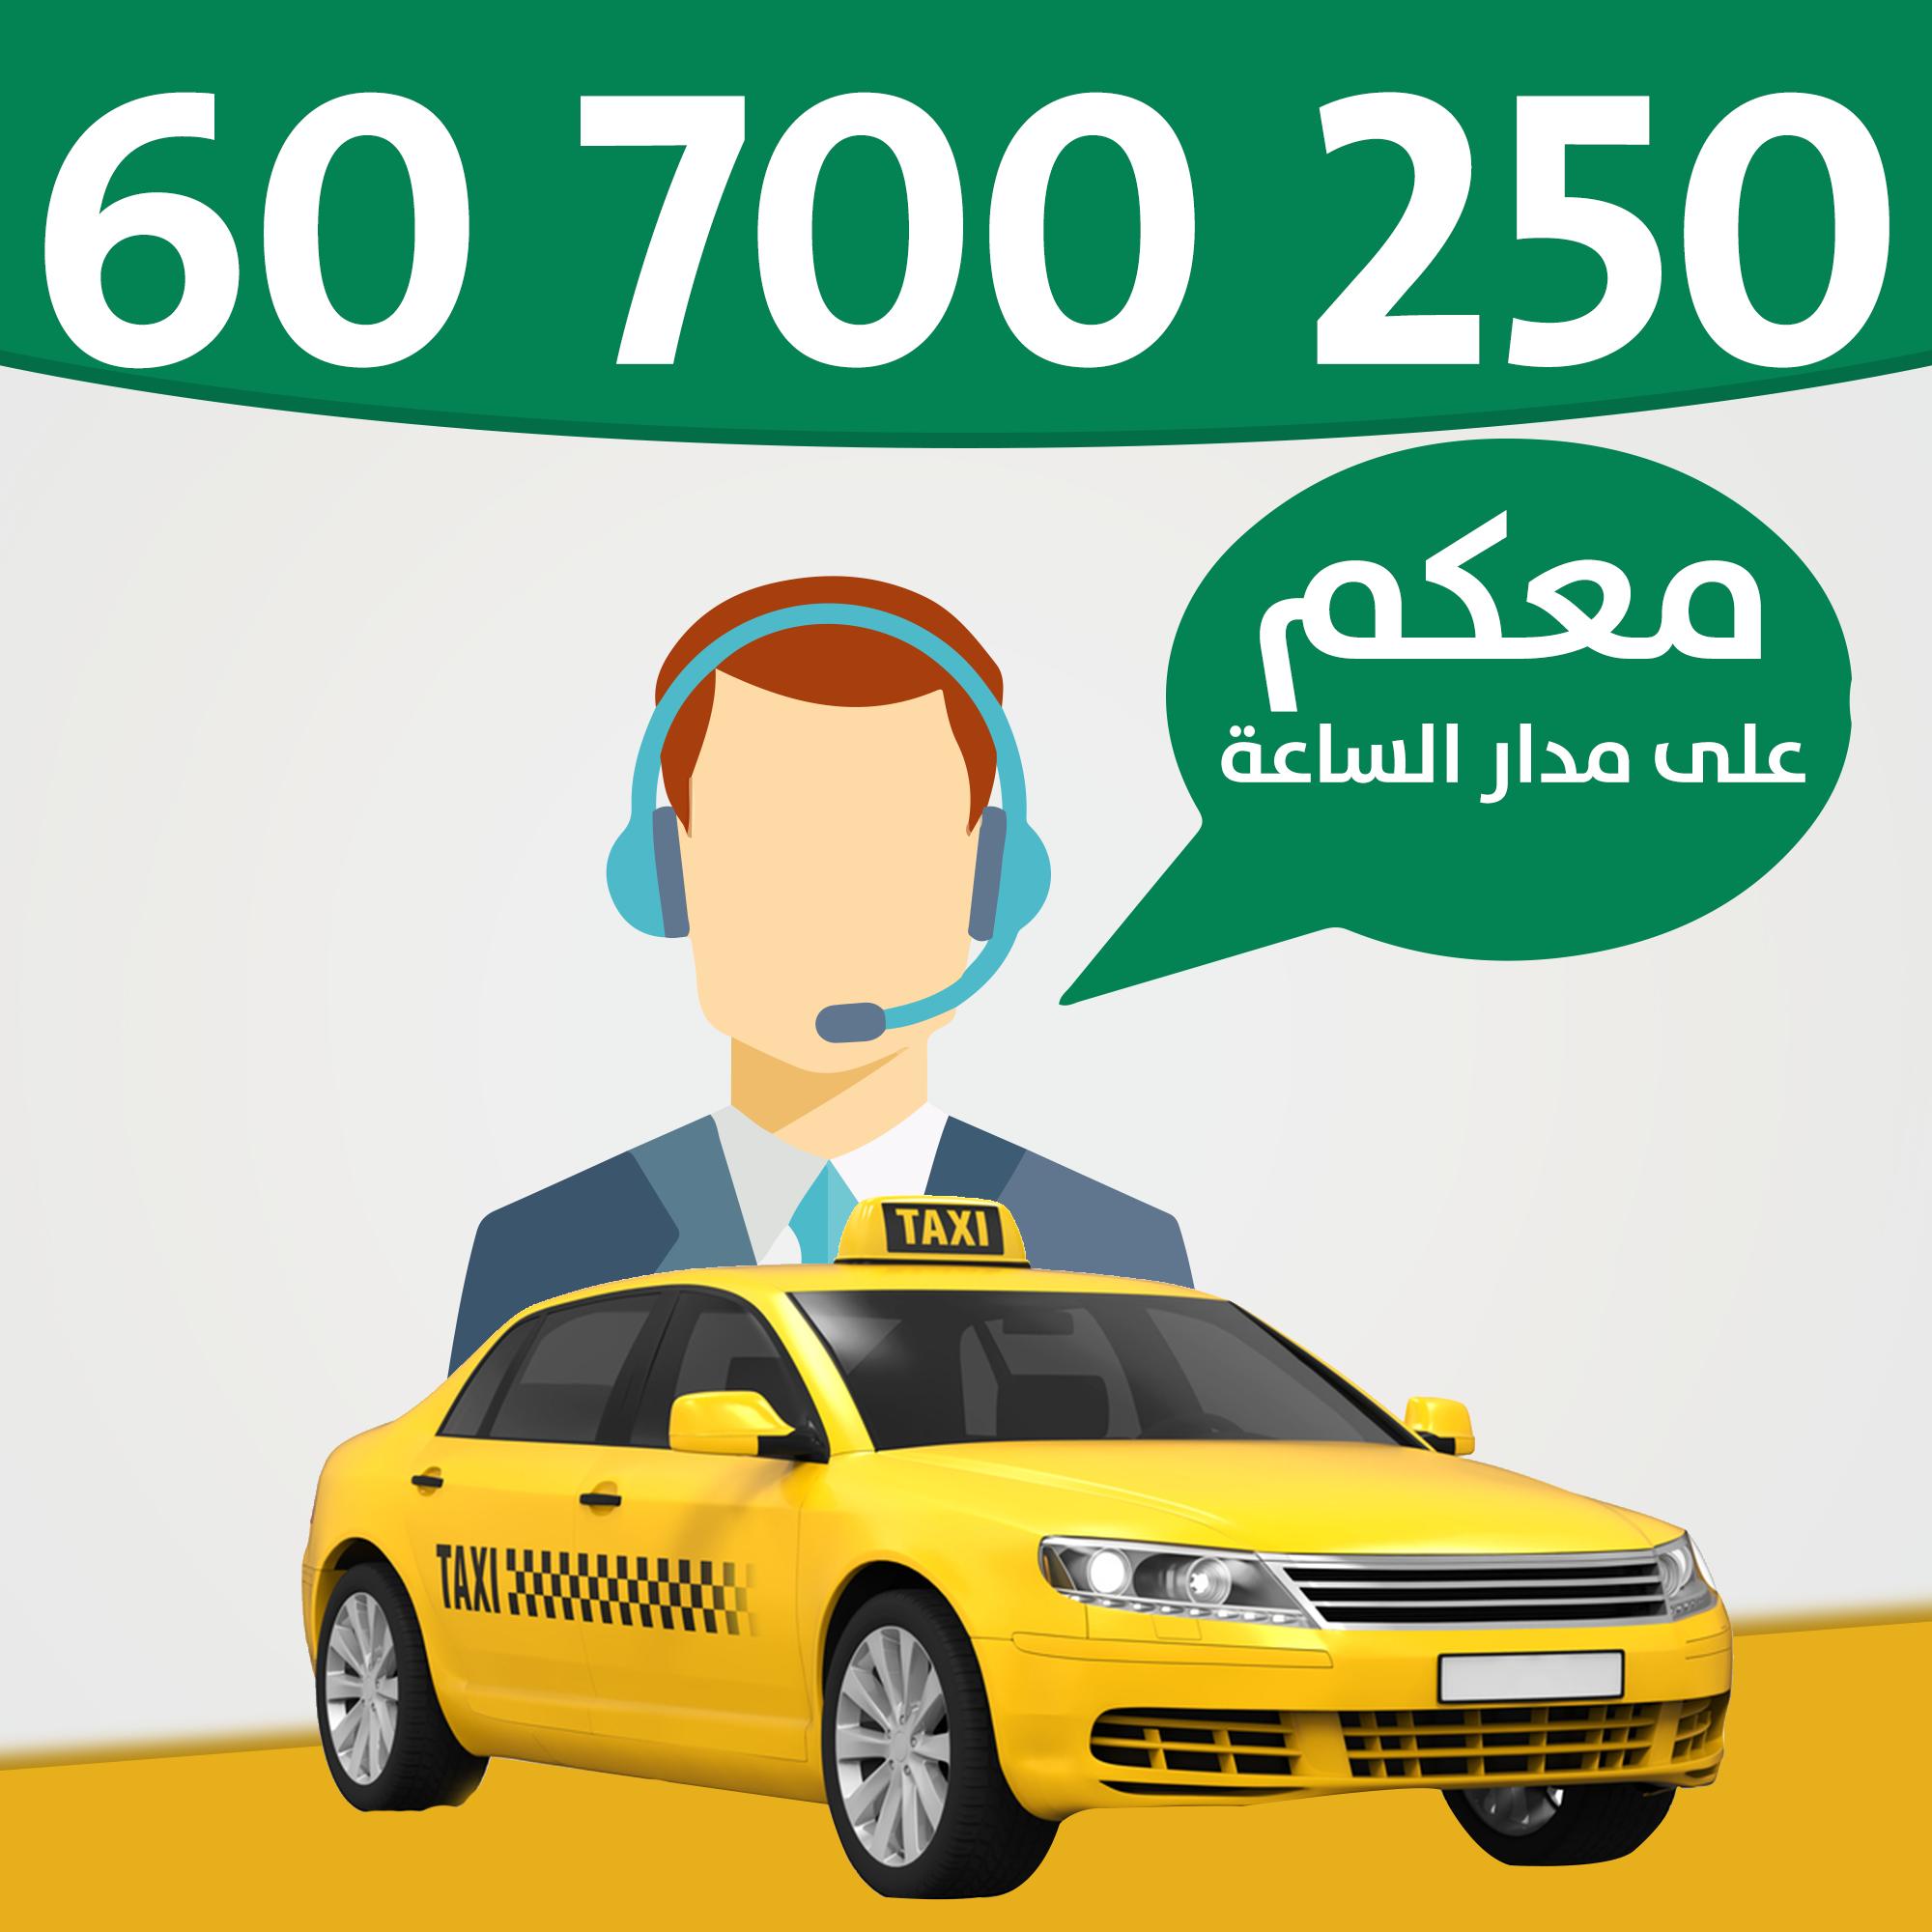 تاكسي توصيلة في شارع دعبل الخزاعي